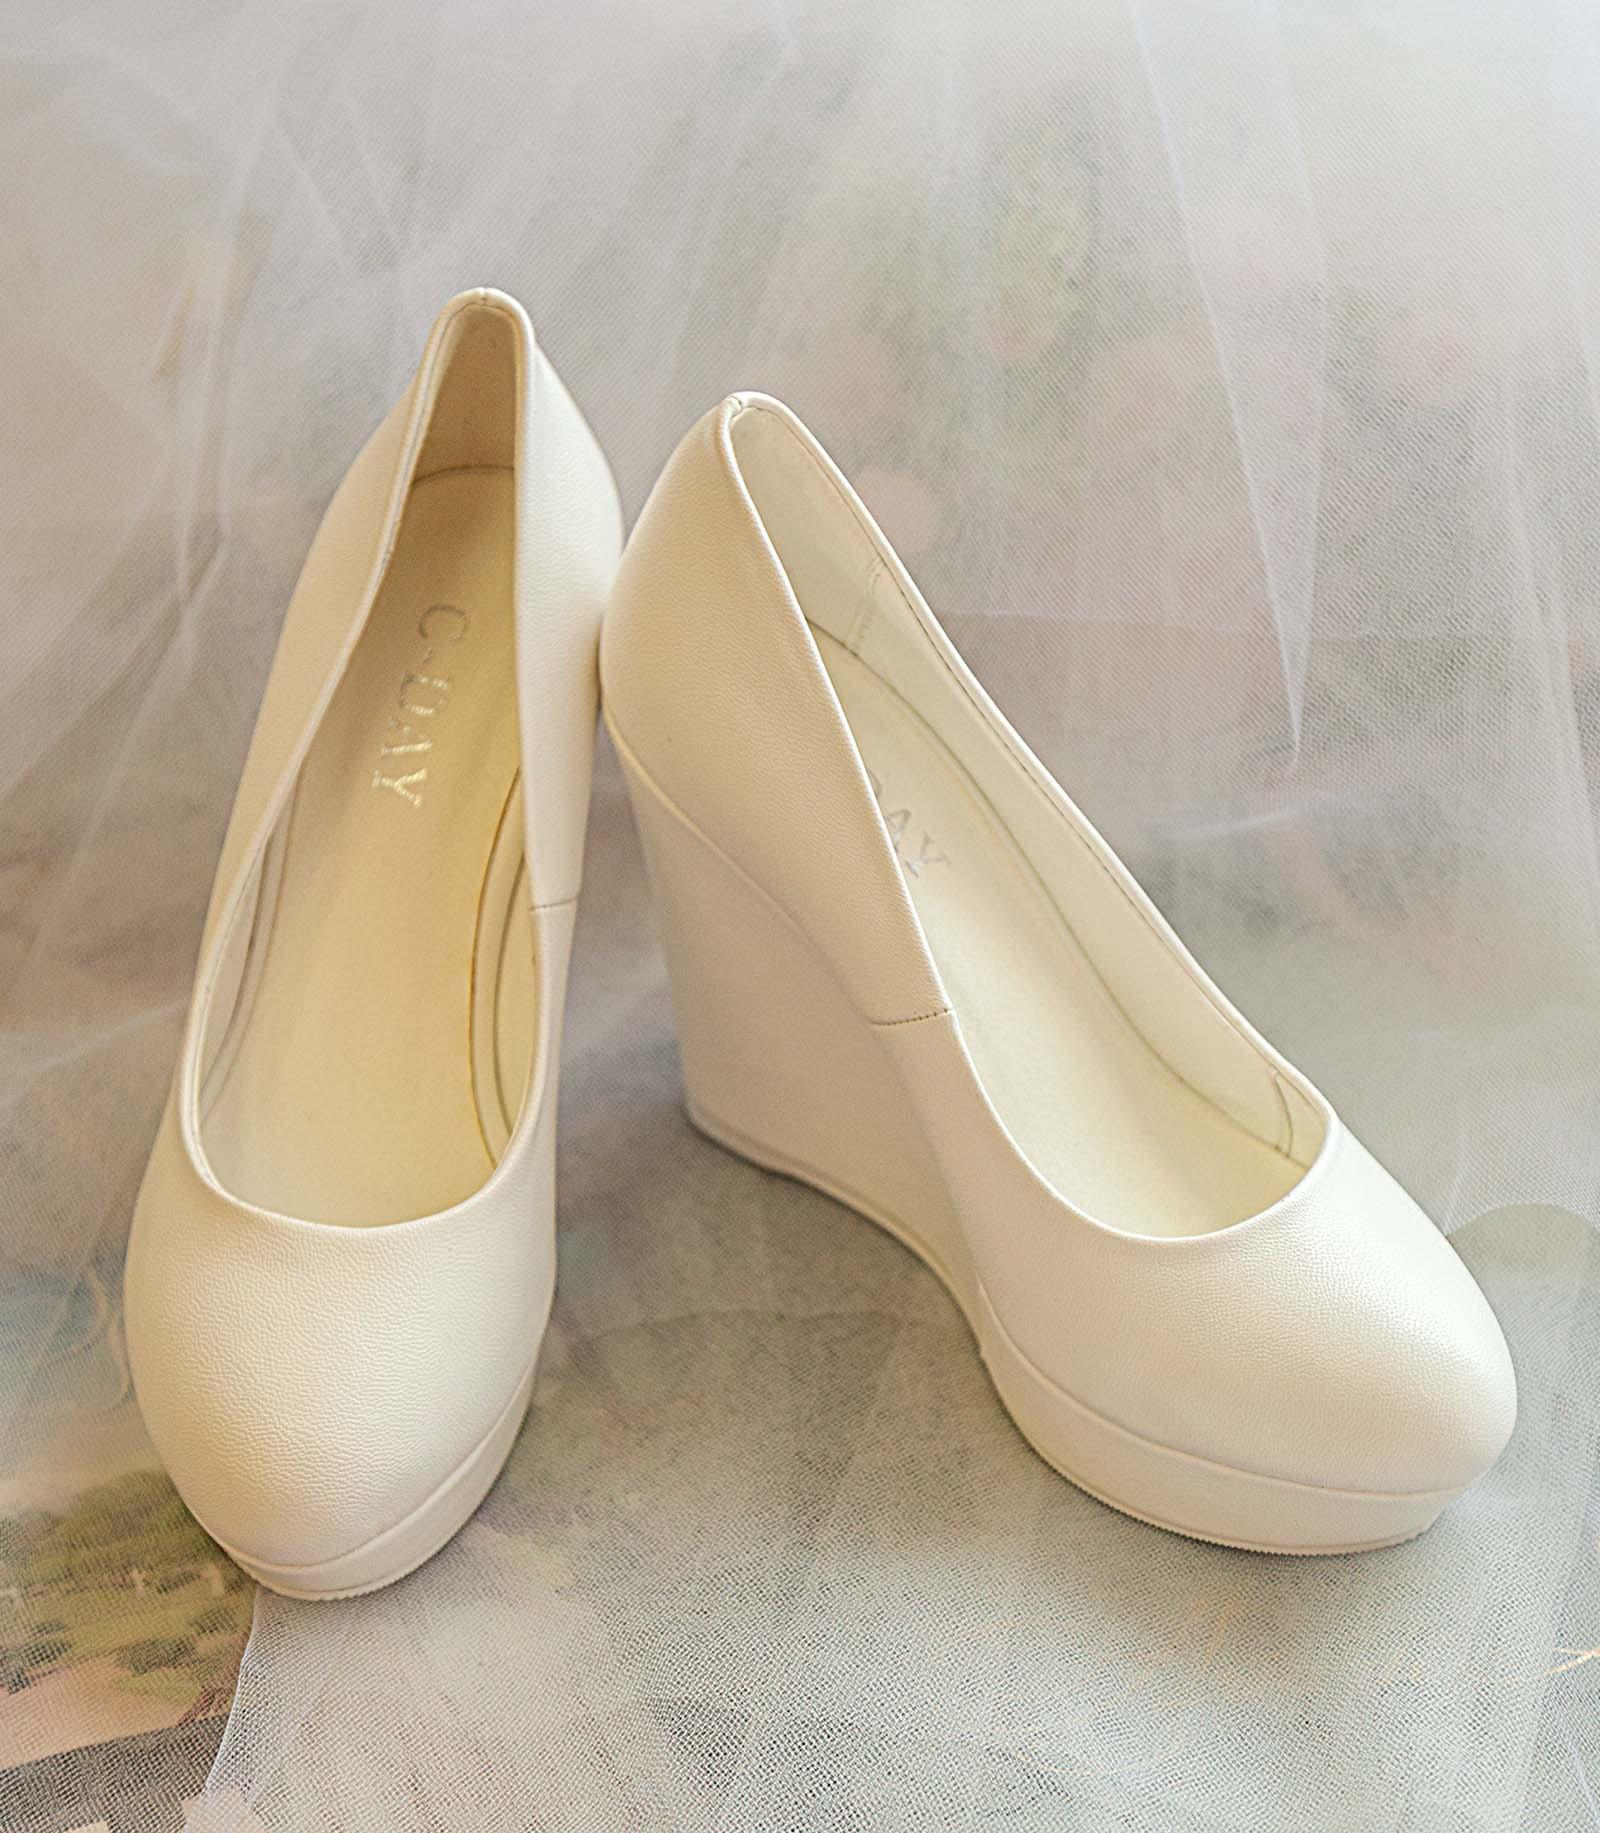 салон свадебная обувь с фото в пензе может, мужские, некоторых